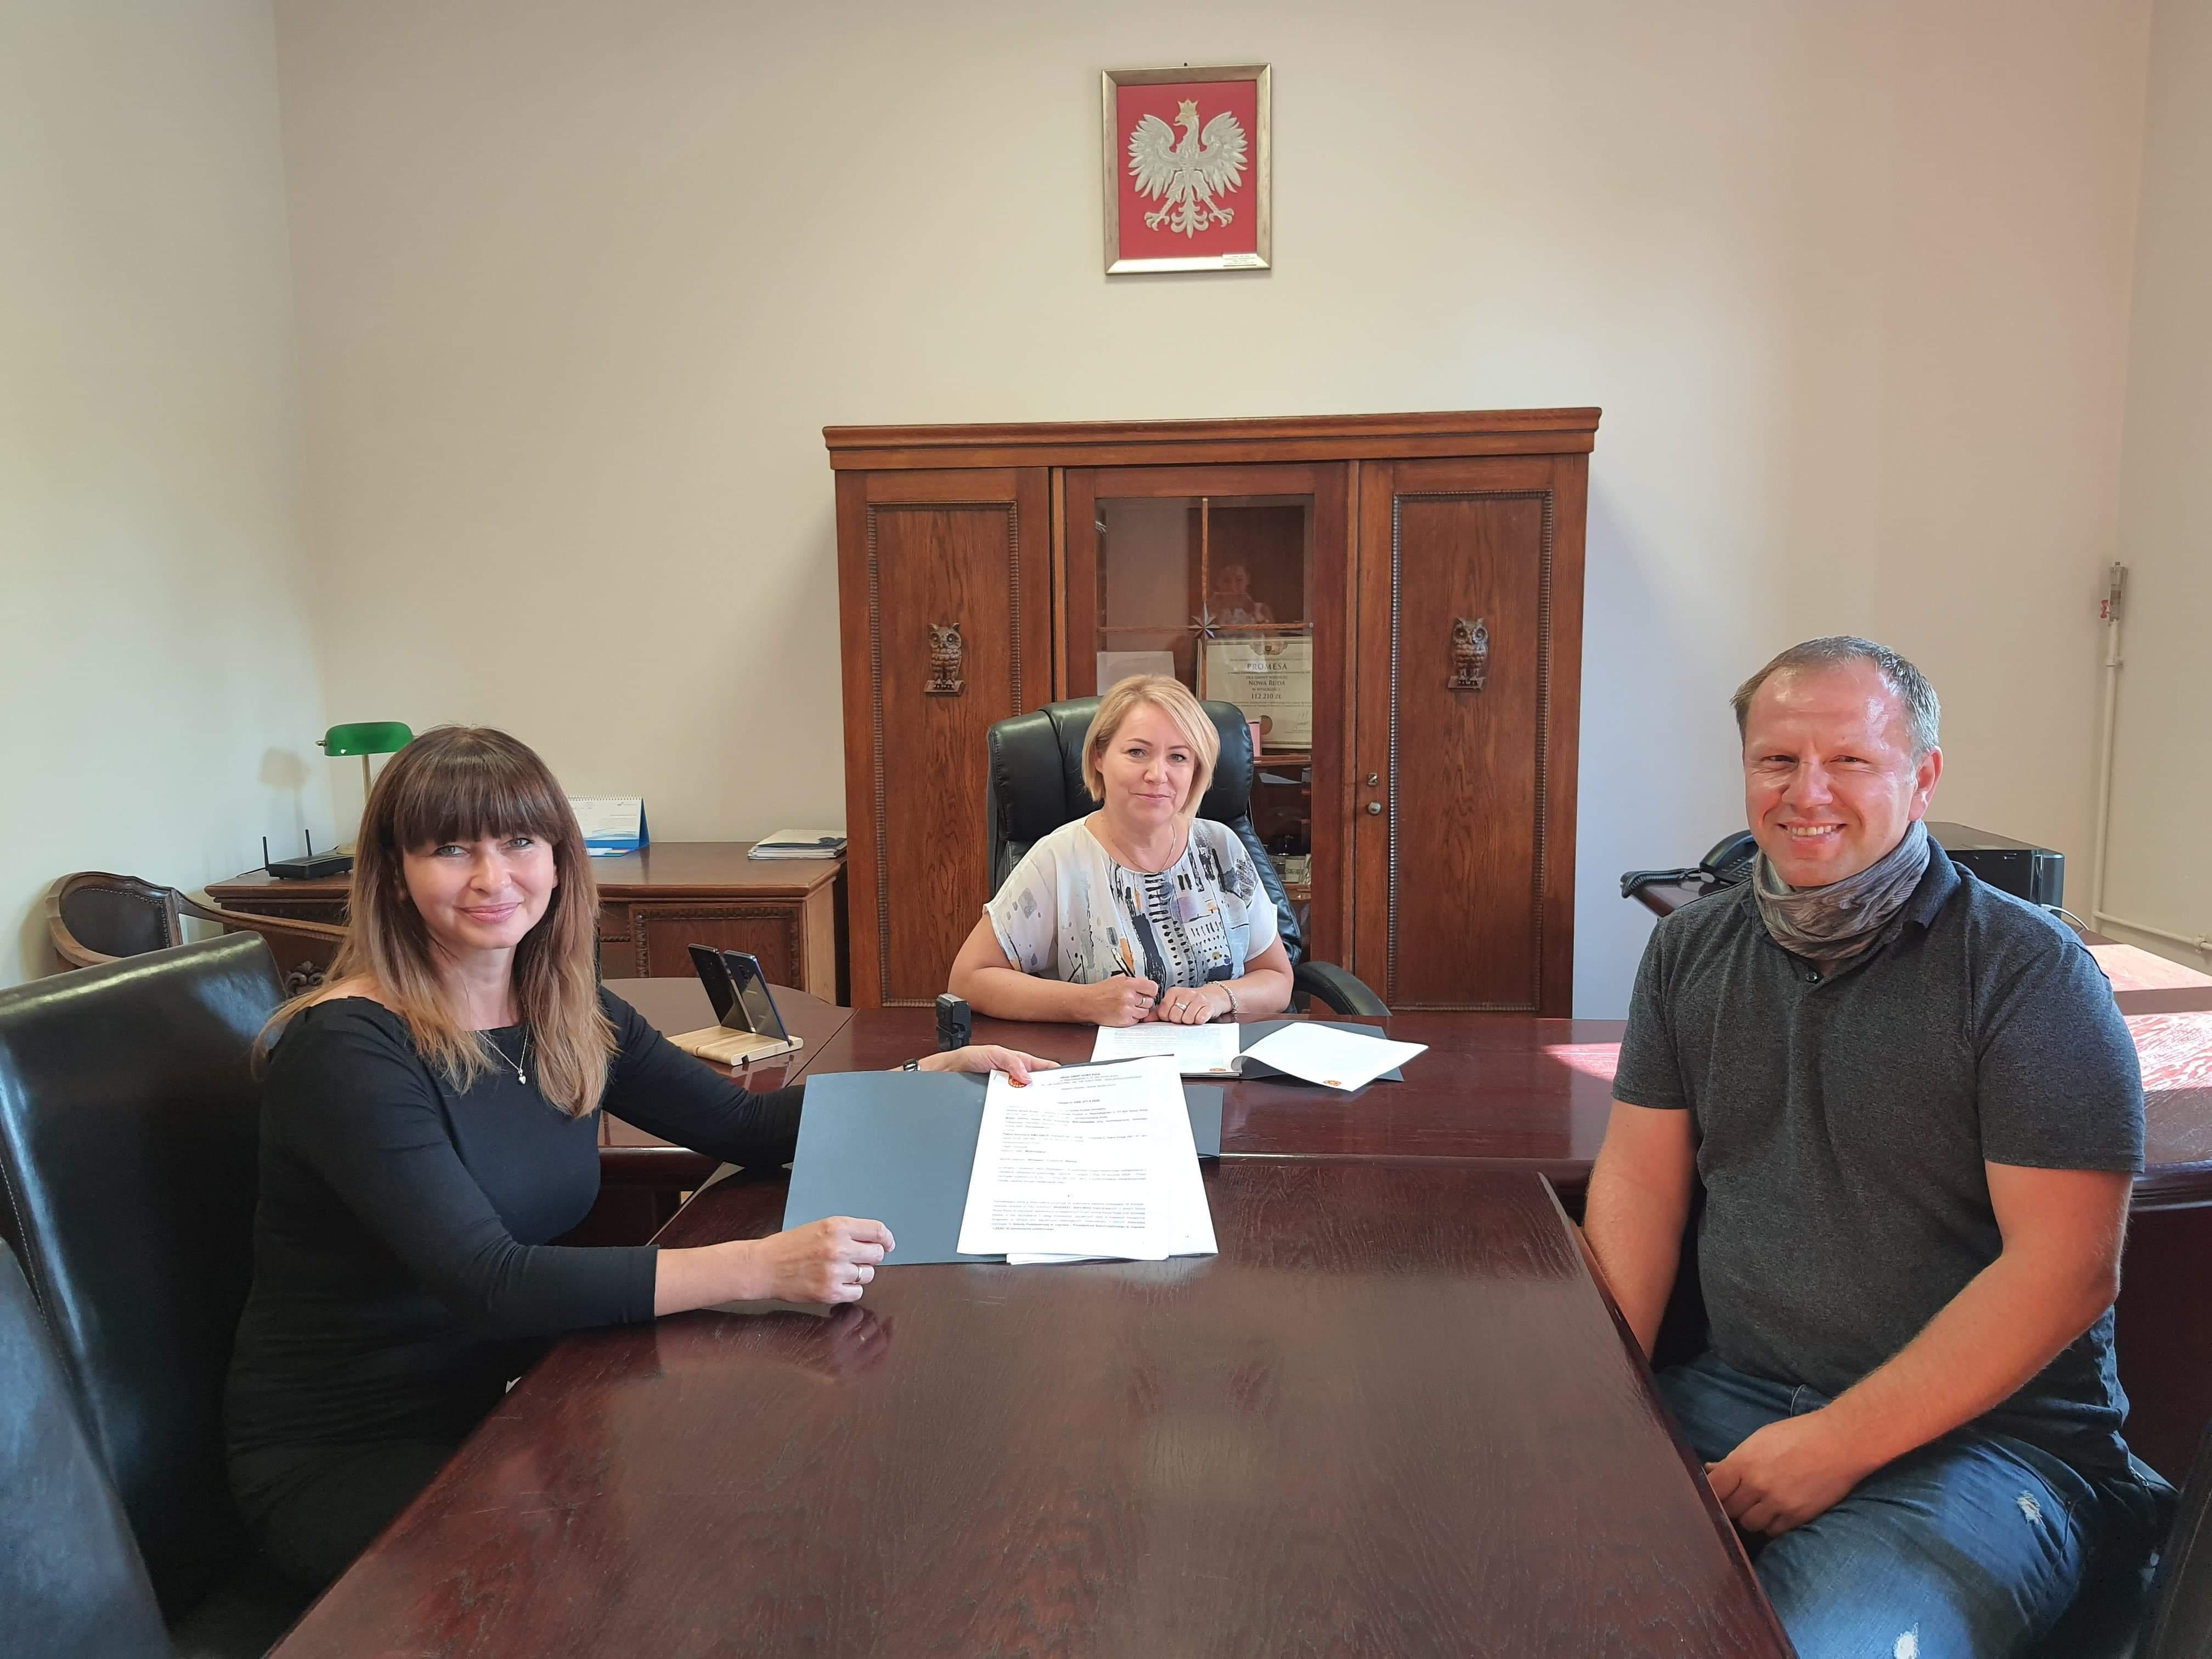 Na obrazku widoczne są trzy osoby, Wójt Gminy Adrianna Mierzejewska, Izabela Słowek-Chorób oraz przedstawiciel firmy SMILEBUS, zdjęcie przedstawia podpisanie umowy.